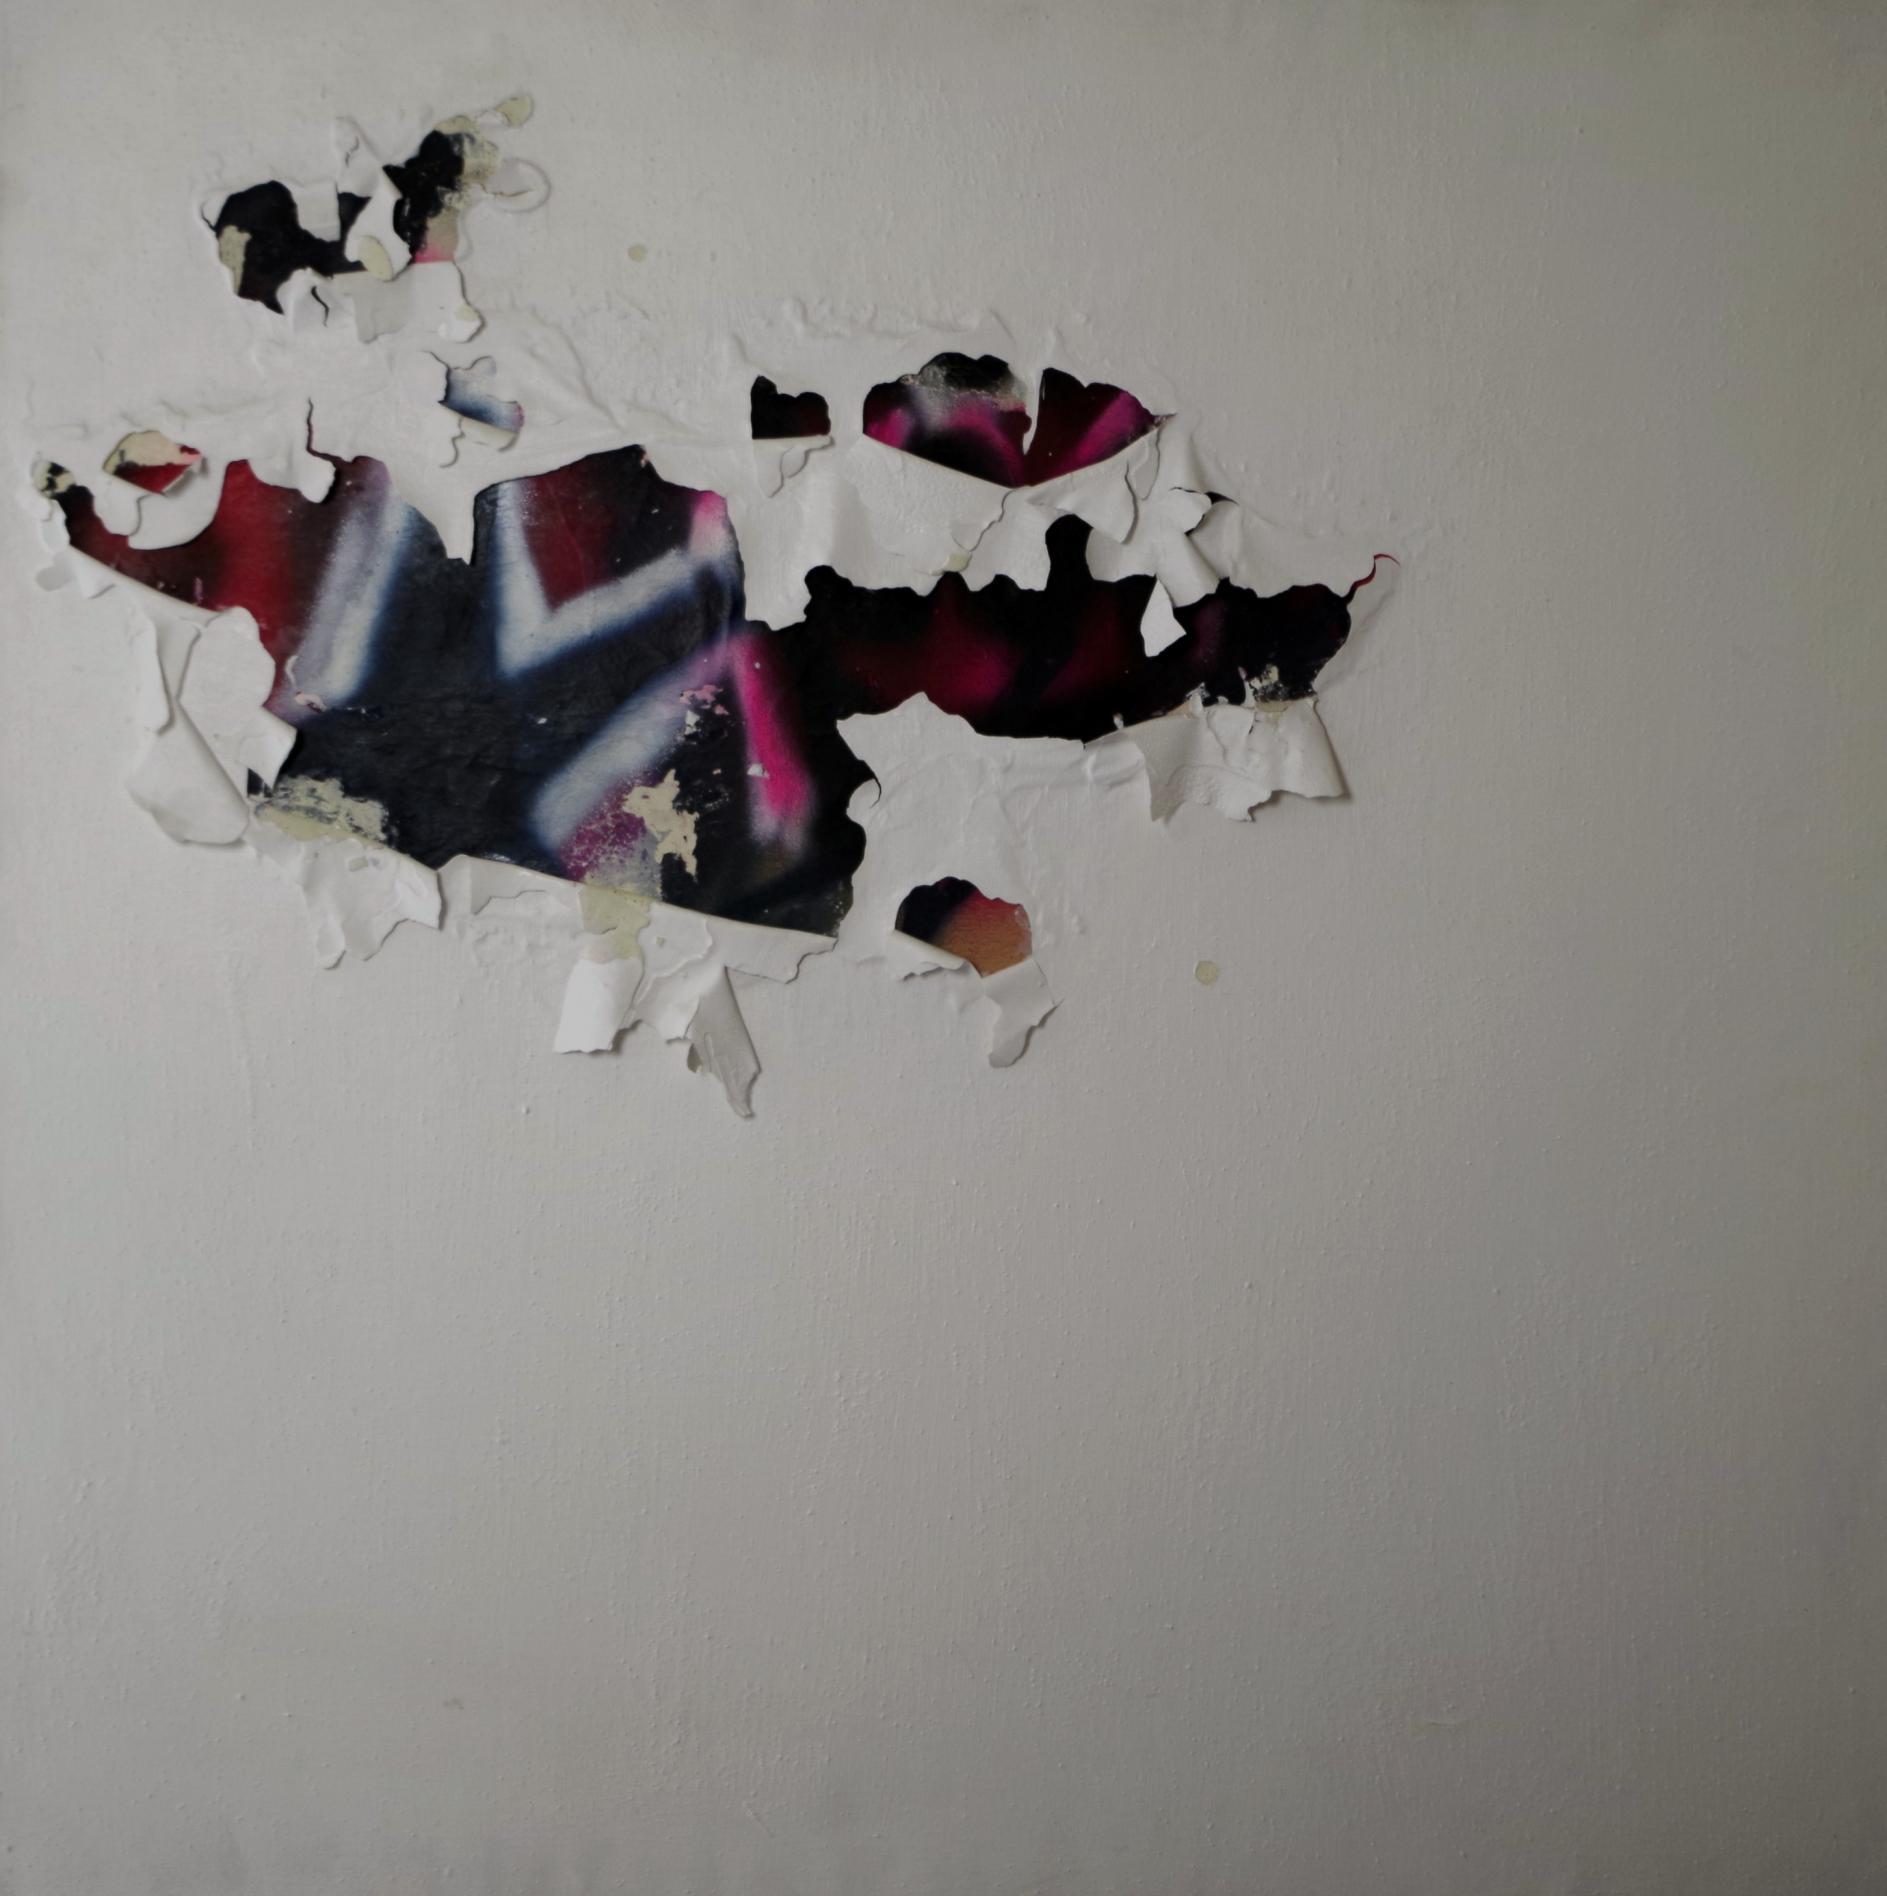 Intervencion del Blanco (2011) - Ivannia Lasso